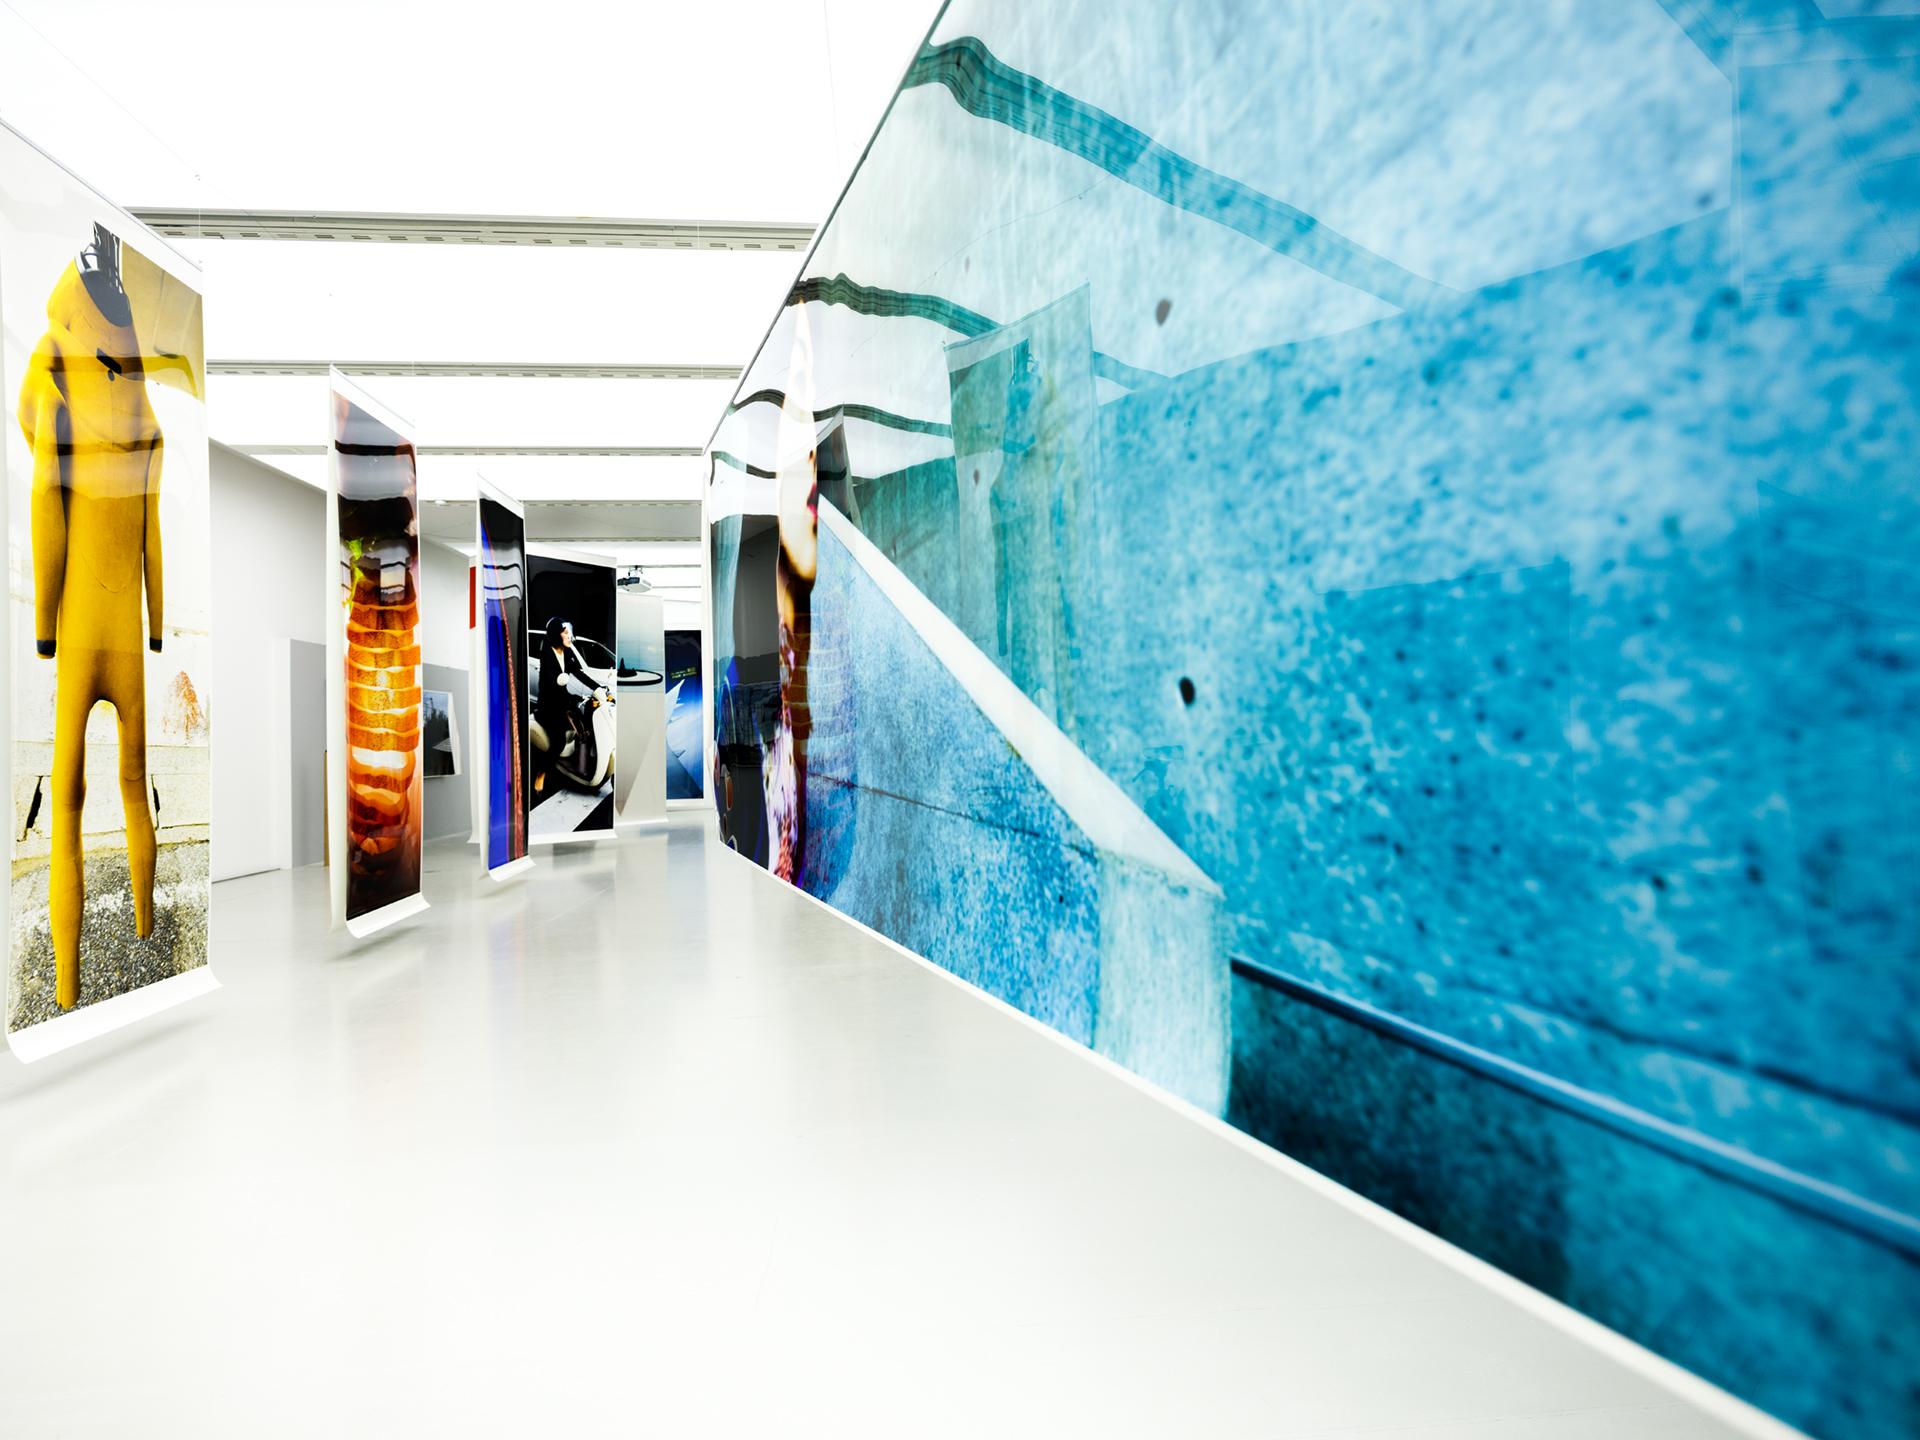 wojtek wieteska, paradise 101, Muzeum Manggha wKrakowie